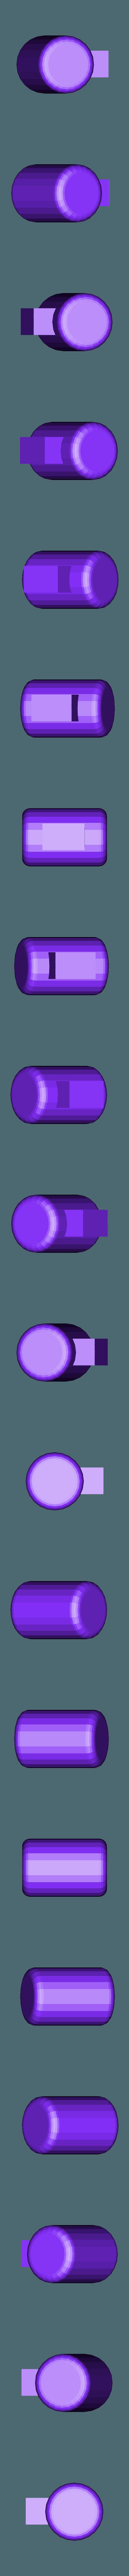 moteur.stl Télécharger fichier STL Pont 4 colonnes pour garage 1/10 • Design pour impression 3D, RCGANG93